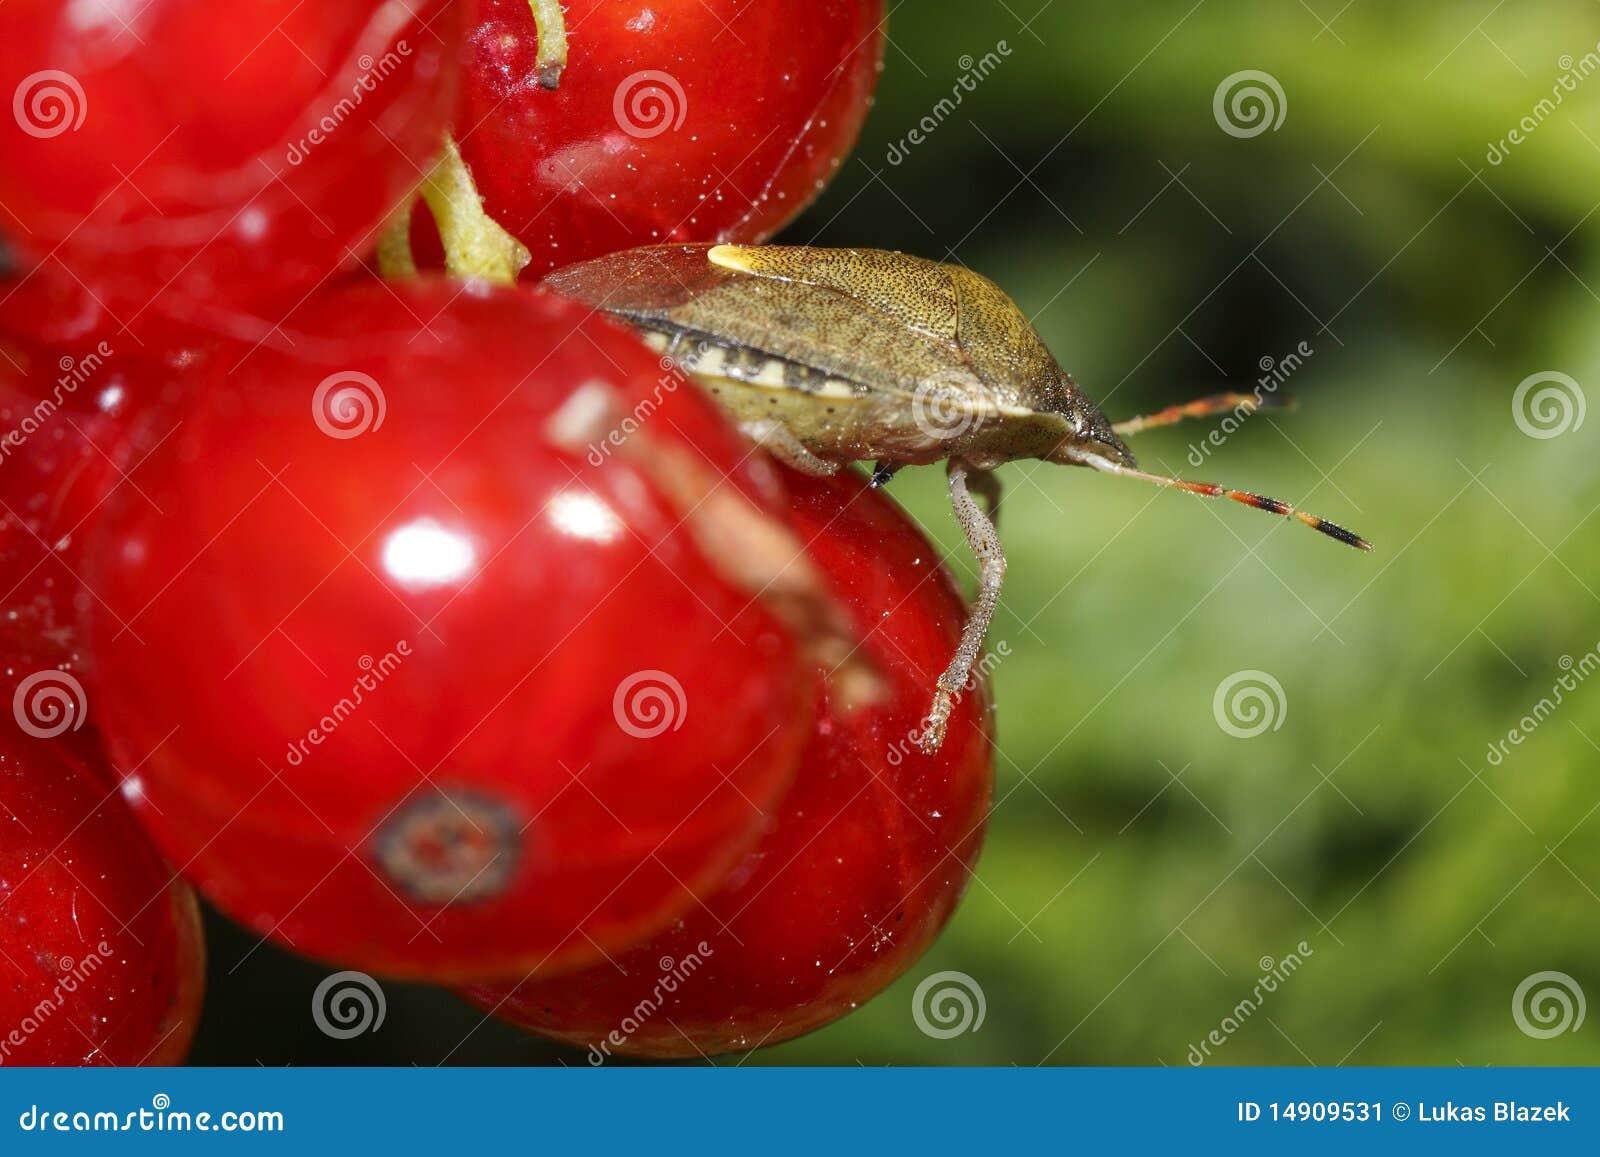 臭虫无核小葡萄干父项红色